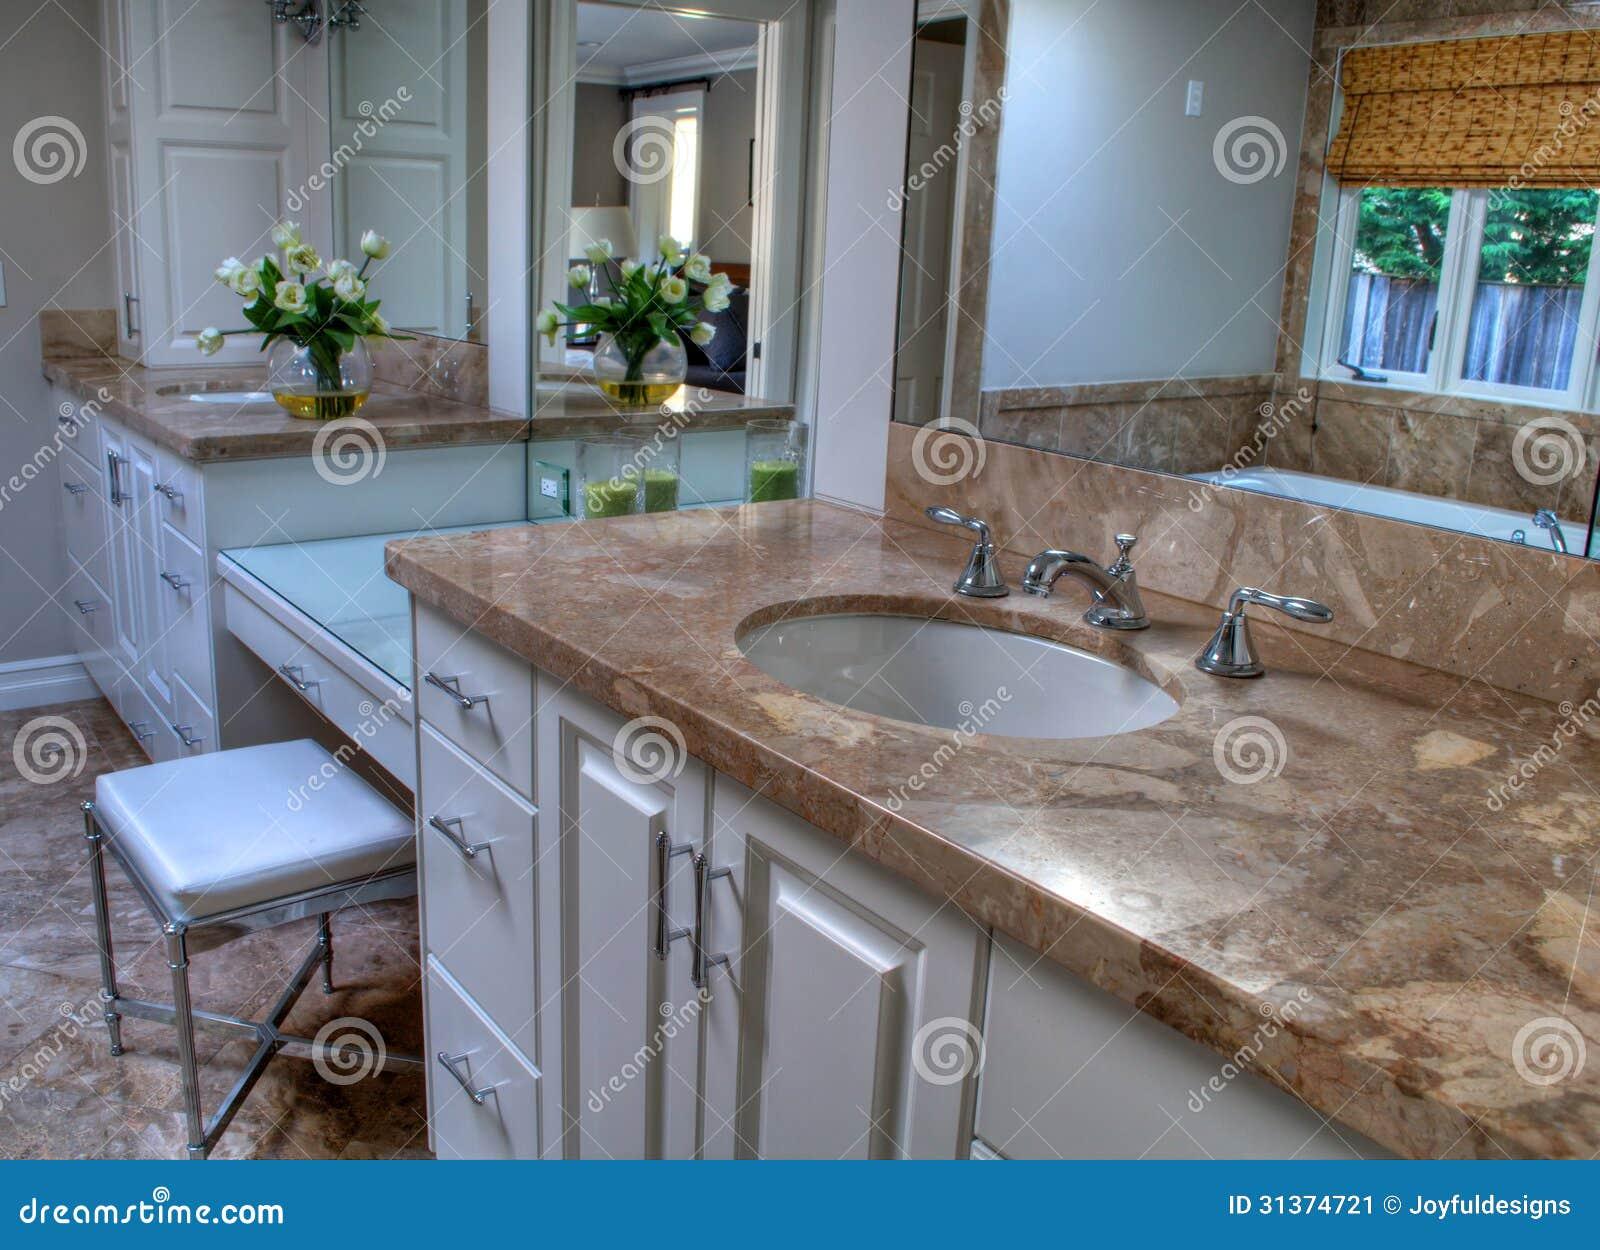 Mooie badkamers neutrale kleuren stock afbeelding beeld 31374721 - Mooie badkamers ...